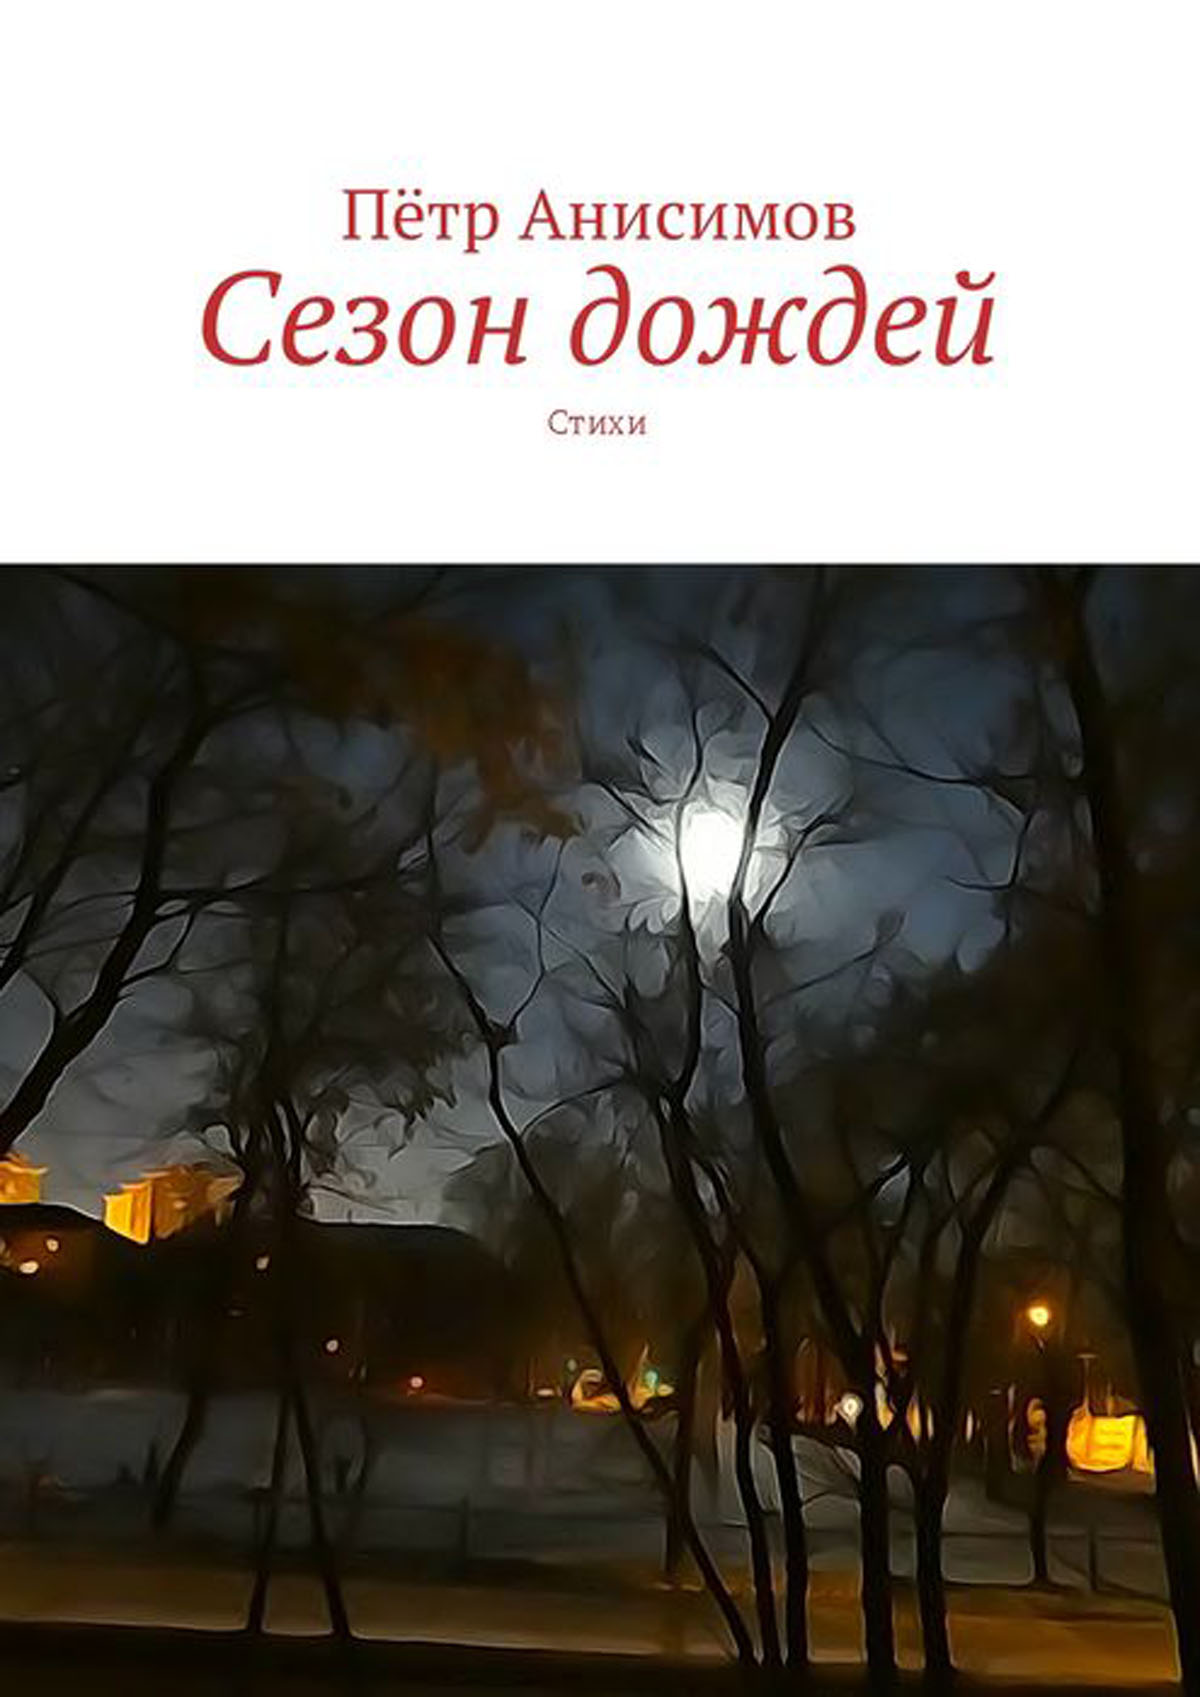 Анисимов Пётр Владимирович Сезон дождей. Стихи